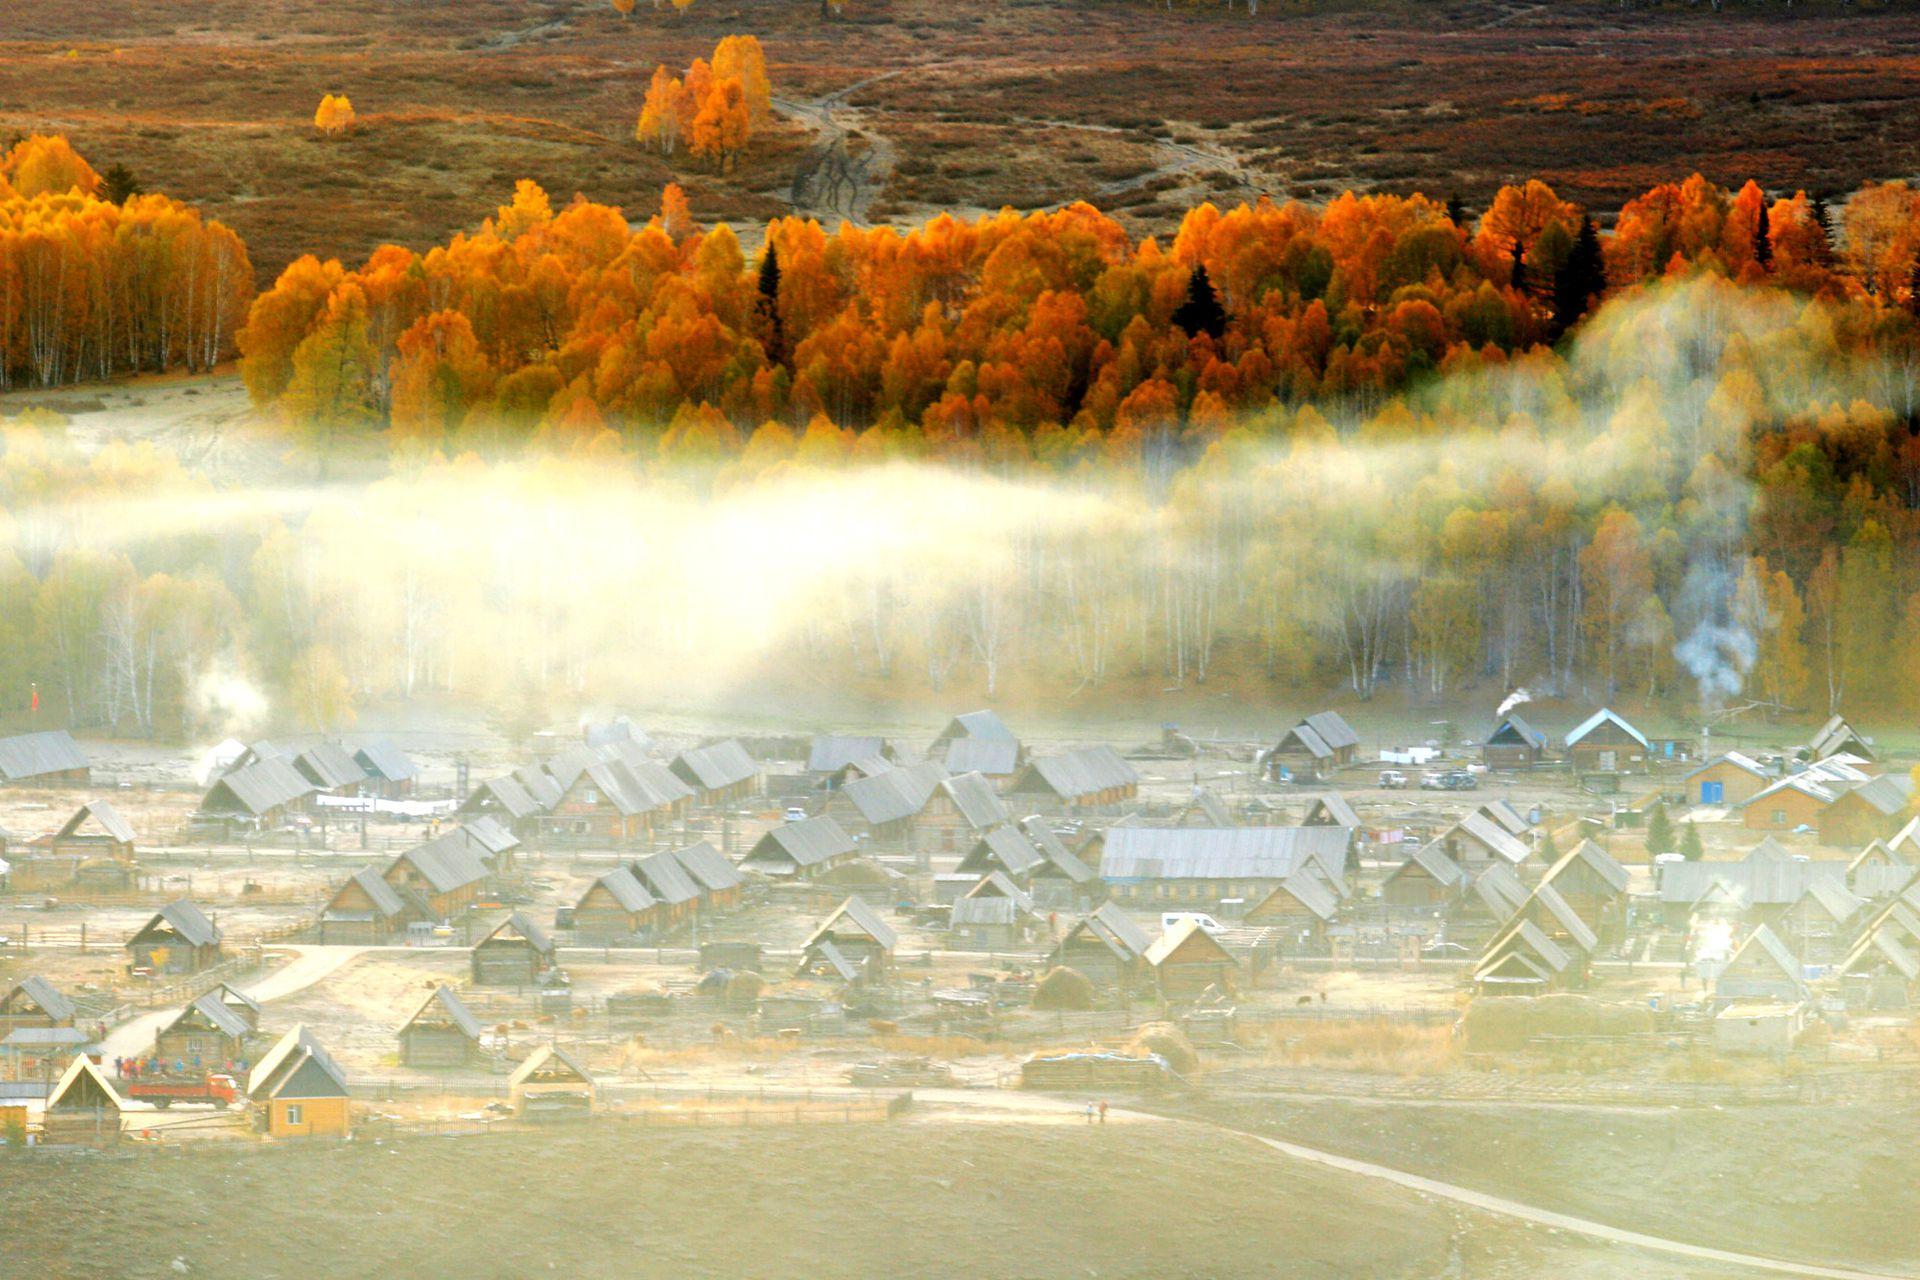 """禾木村是中国新疆布尔津县下辖的一座村庄。位于新疆布尔津县喀纳斯湖畔,是图瓦人的集中生活居住地。它素有""""中国第一村""""的美称。原木搭建的小木屋散落在新疆喀纳斯湖旁的土地上。禾木村最出名的就是万山红遍的醉人秋色,炊烟在秋色中冉冉升起,形成一条梦幻般的烟雾带,胜似仙境。(视觉中国)"""